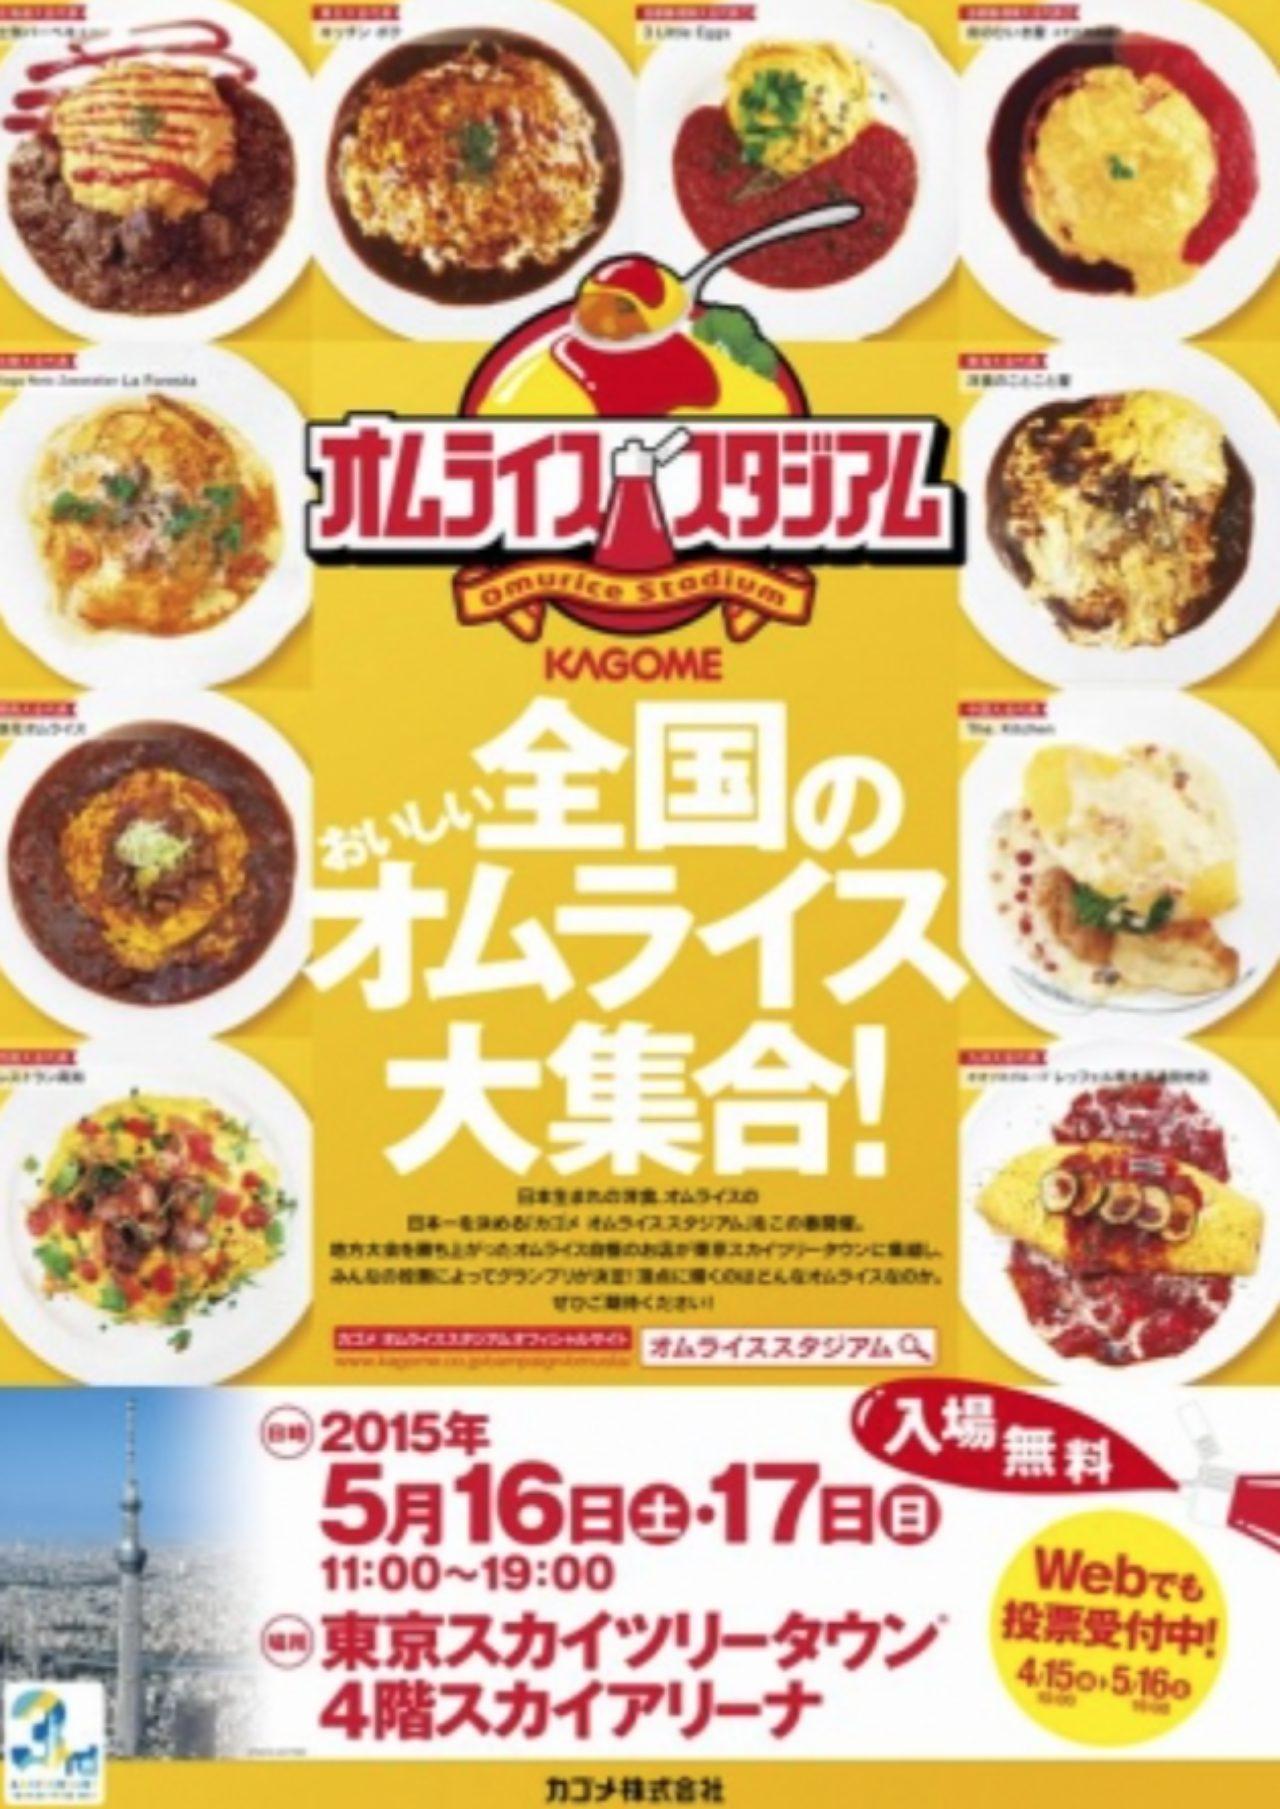 画像: 東京スカイツリータウン4階スカイアリーナで! www.kagome-cp.jp